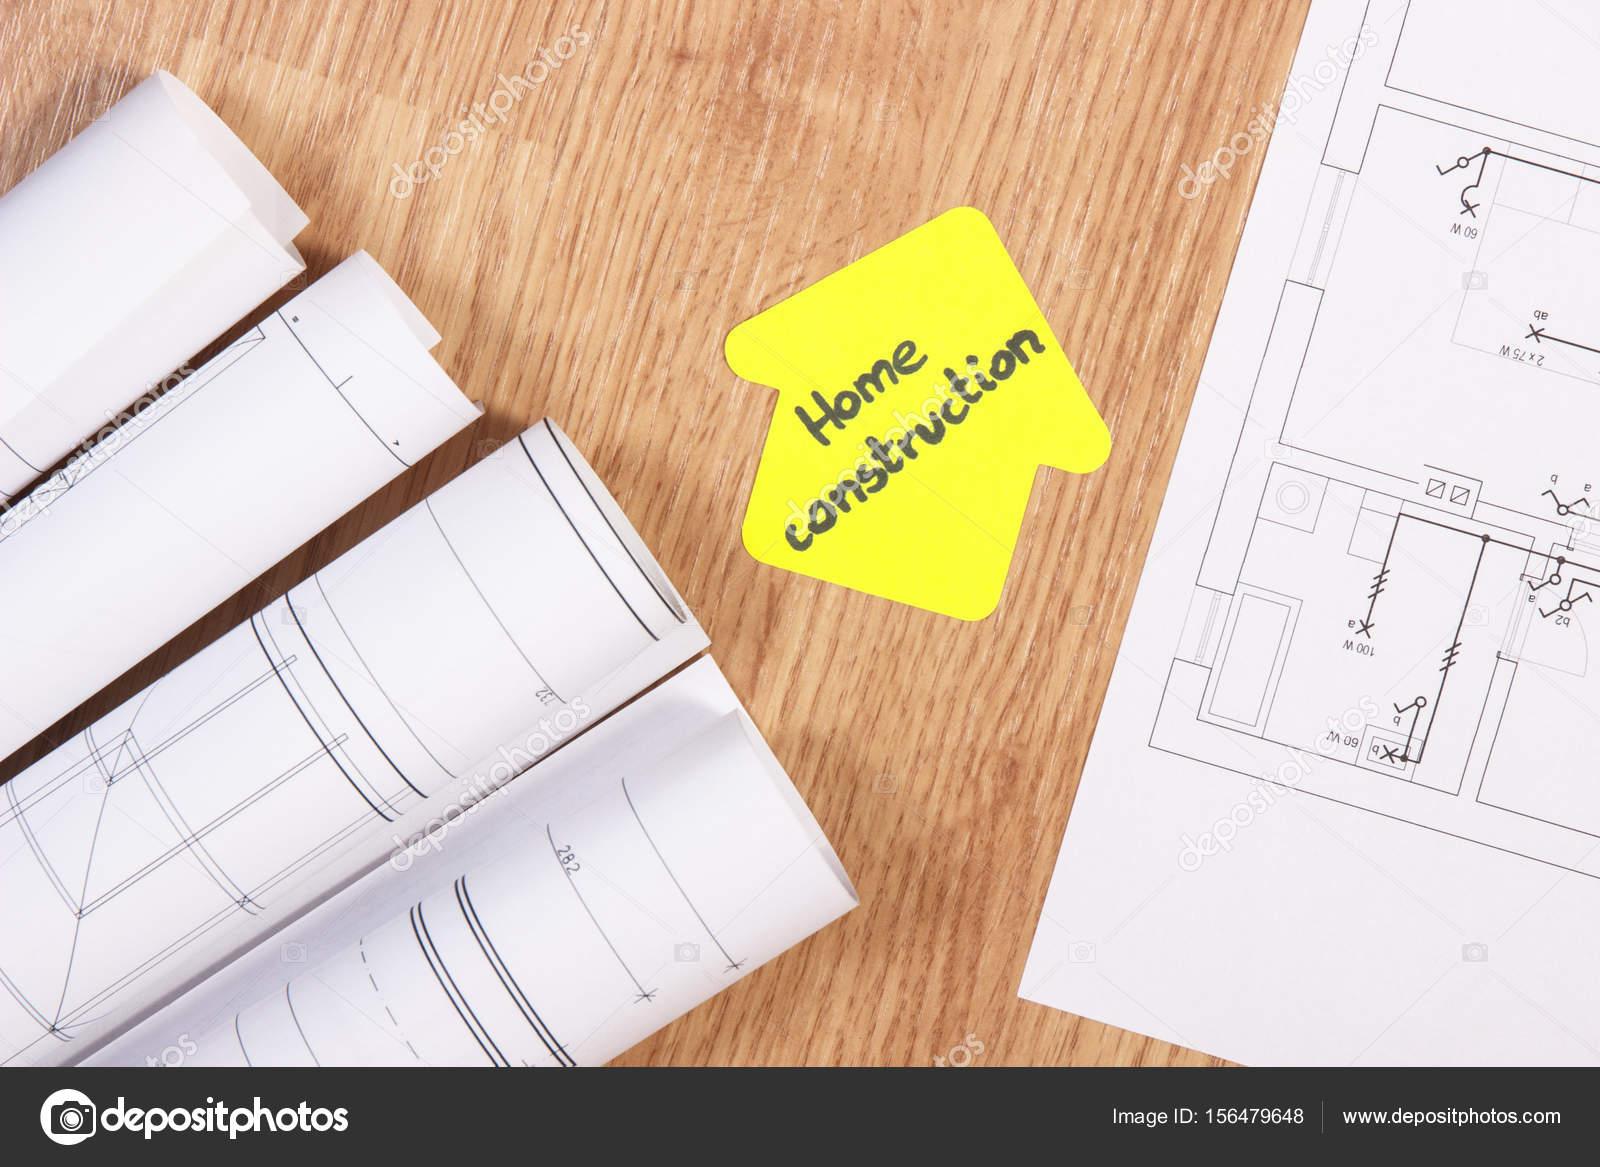 Great Diagrammen Oder Elektrische Konstruktionszeichnungen Und Gelbem Papier In  Form Eines Hauses Mit Text Hausbau Konzept Des Gebäudes Nach Hause U2014 Foto  Von ...